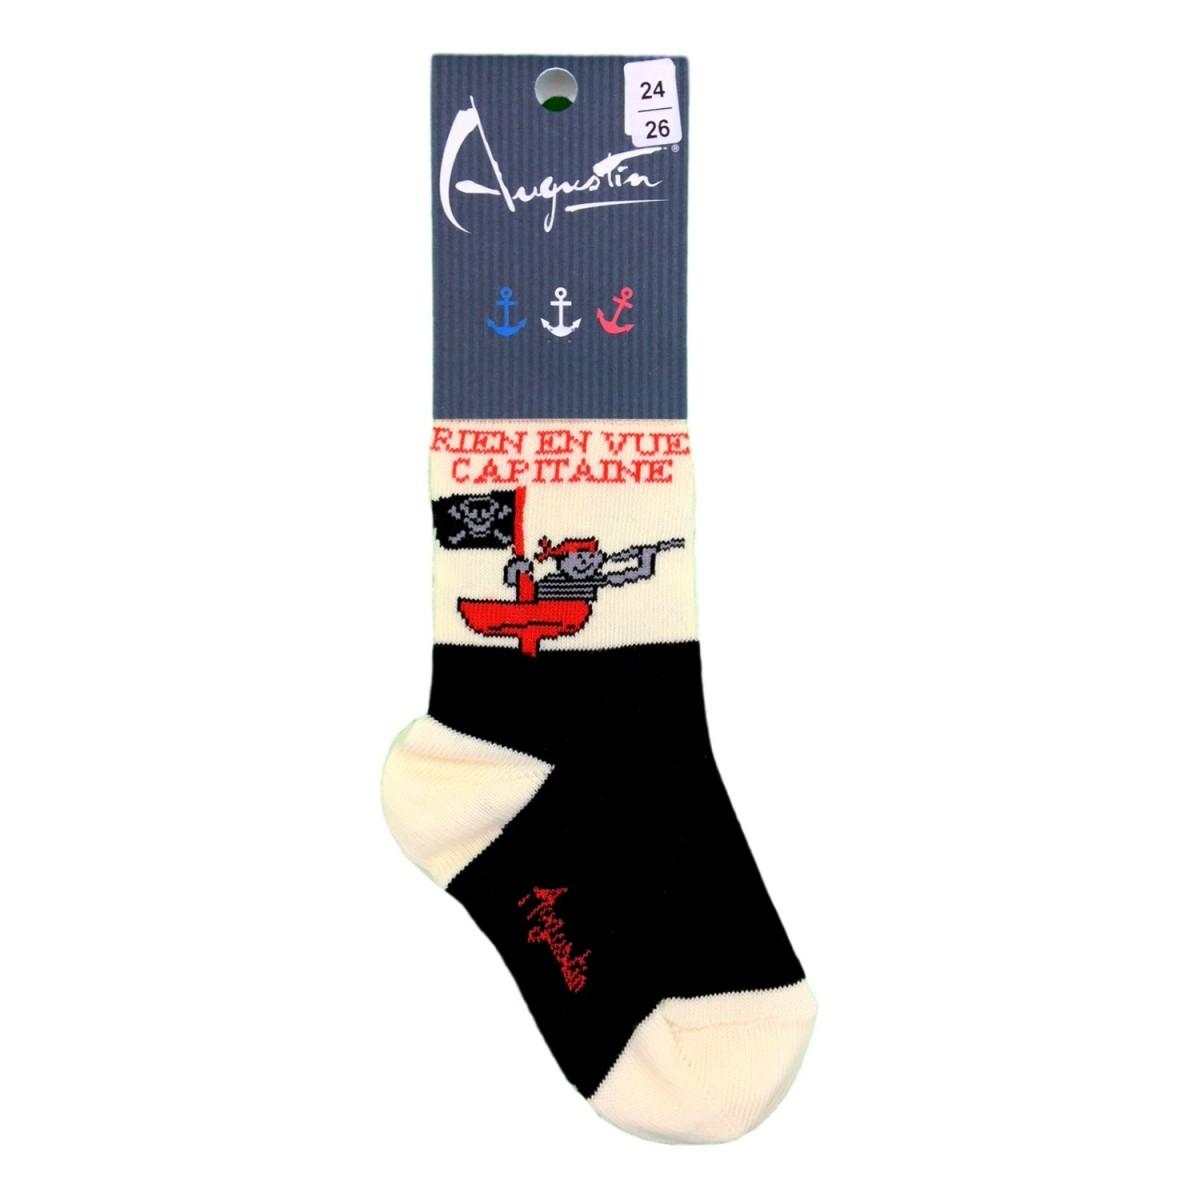 https://www.boutique-augustin.com/1283-thickbox/chaussettes-enfant-rien-en-vue-capitaine.jpg